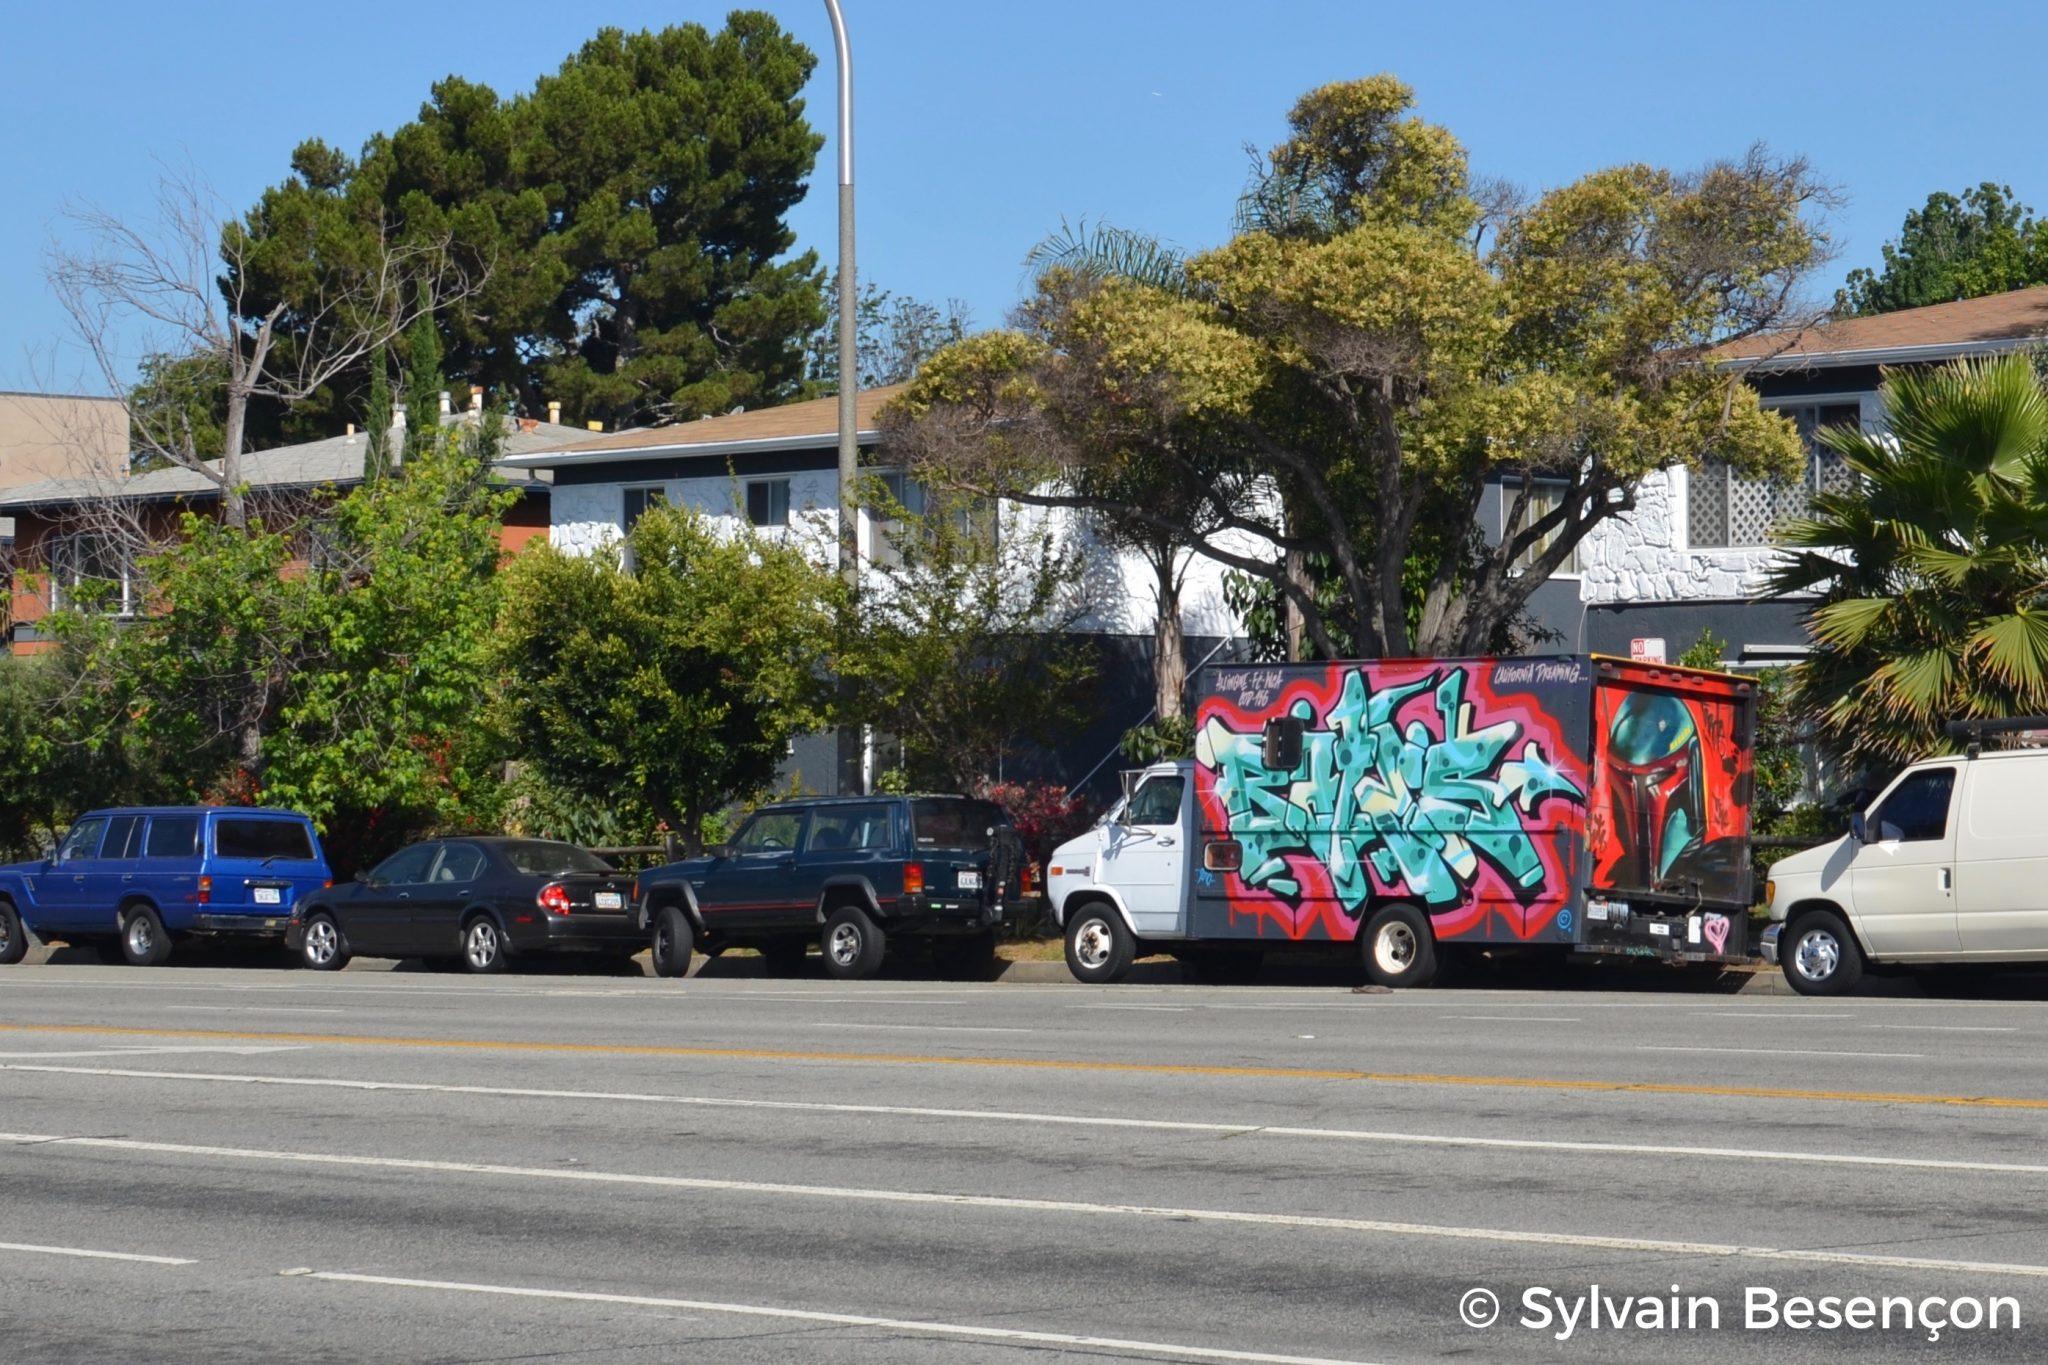 Mobile mural